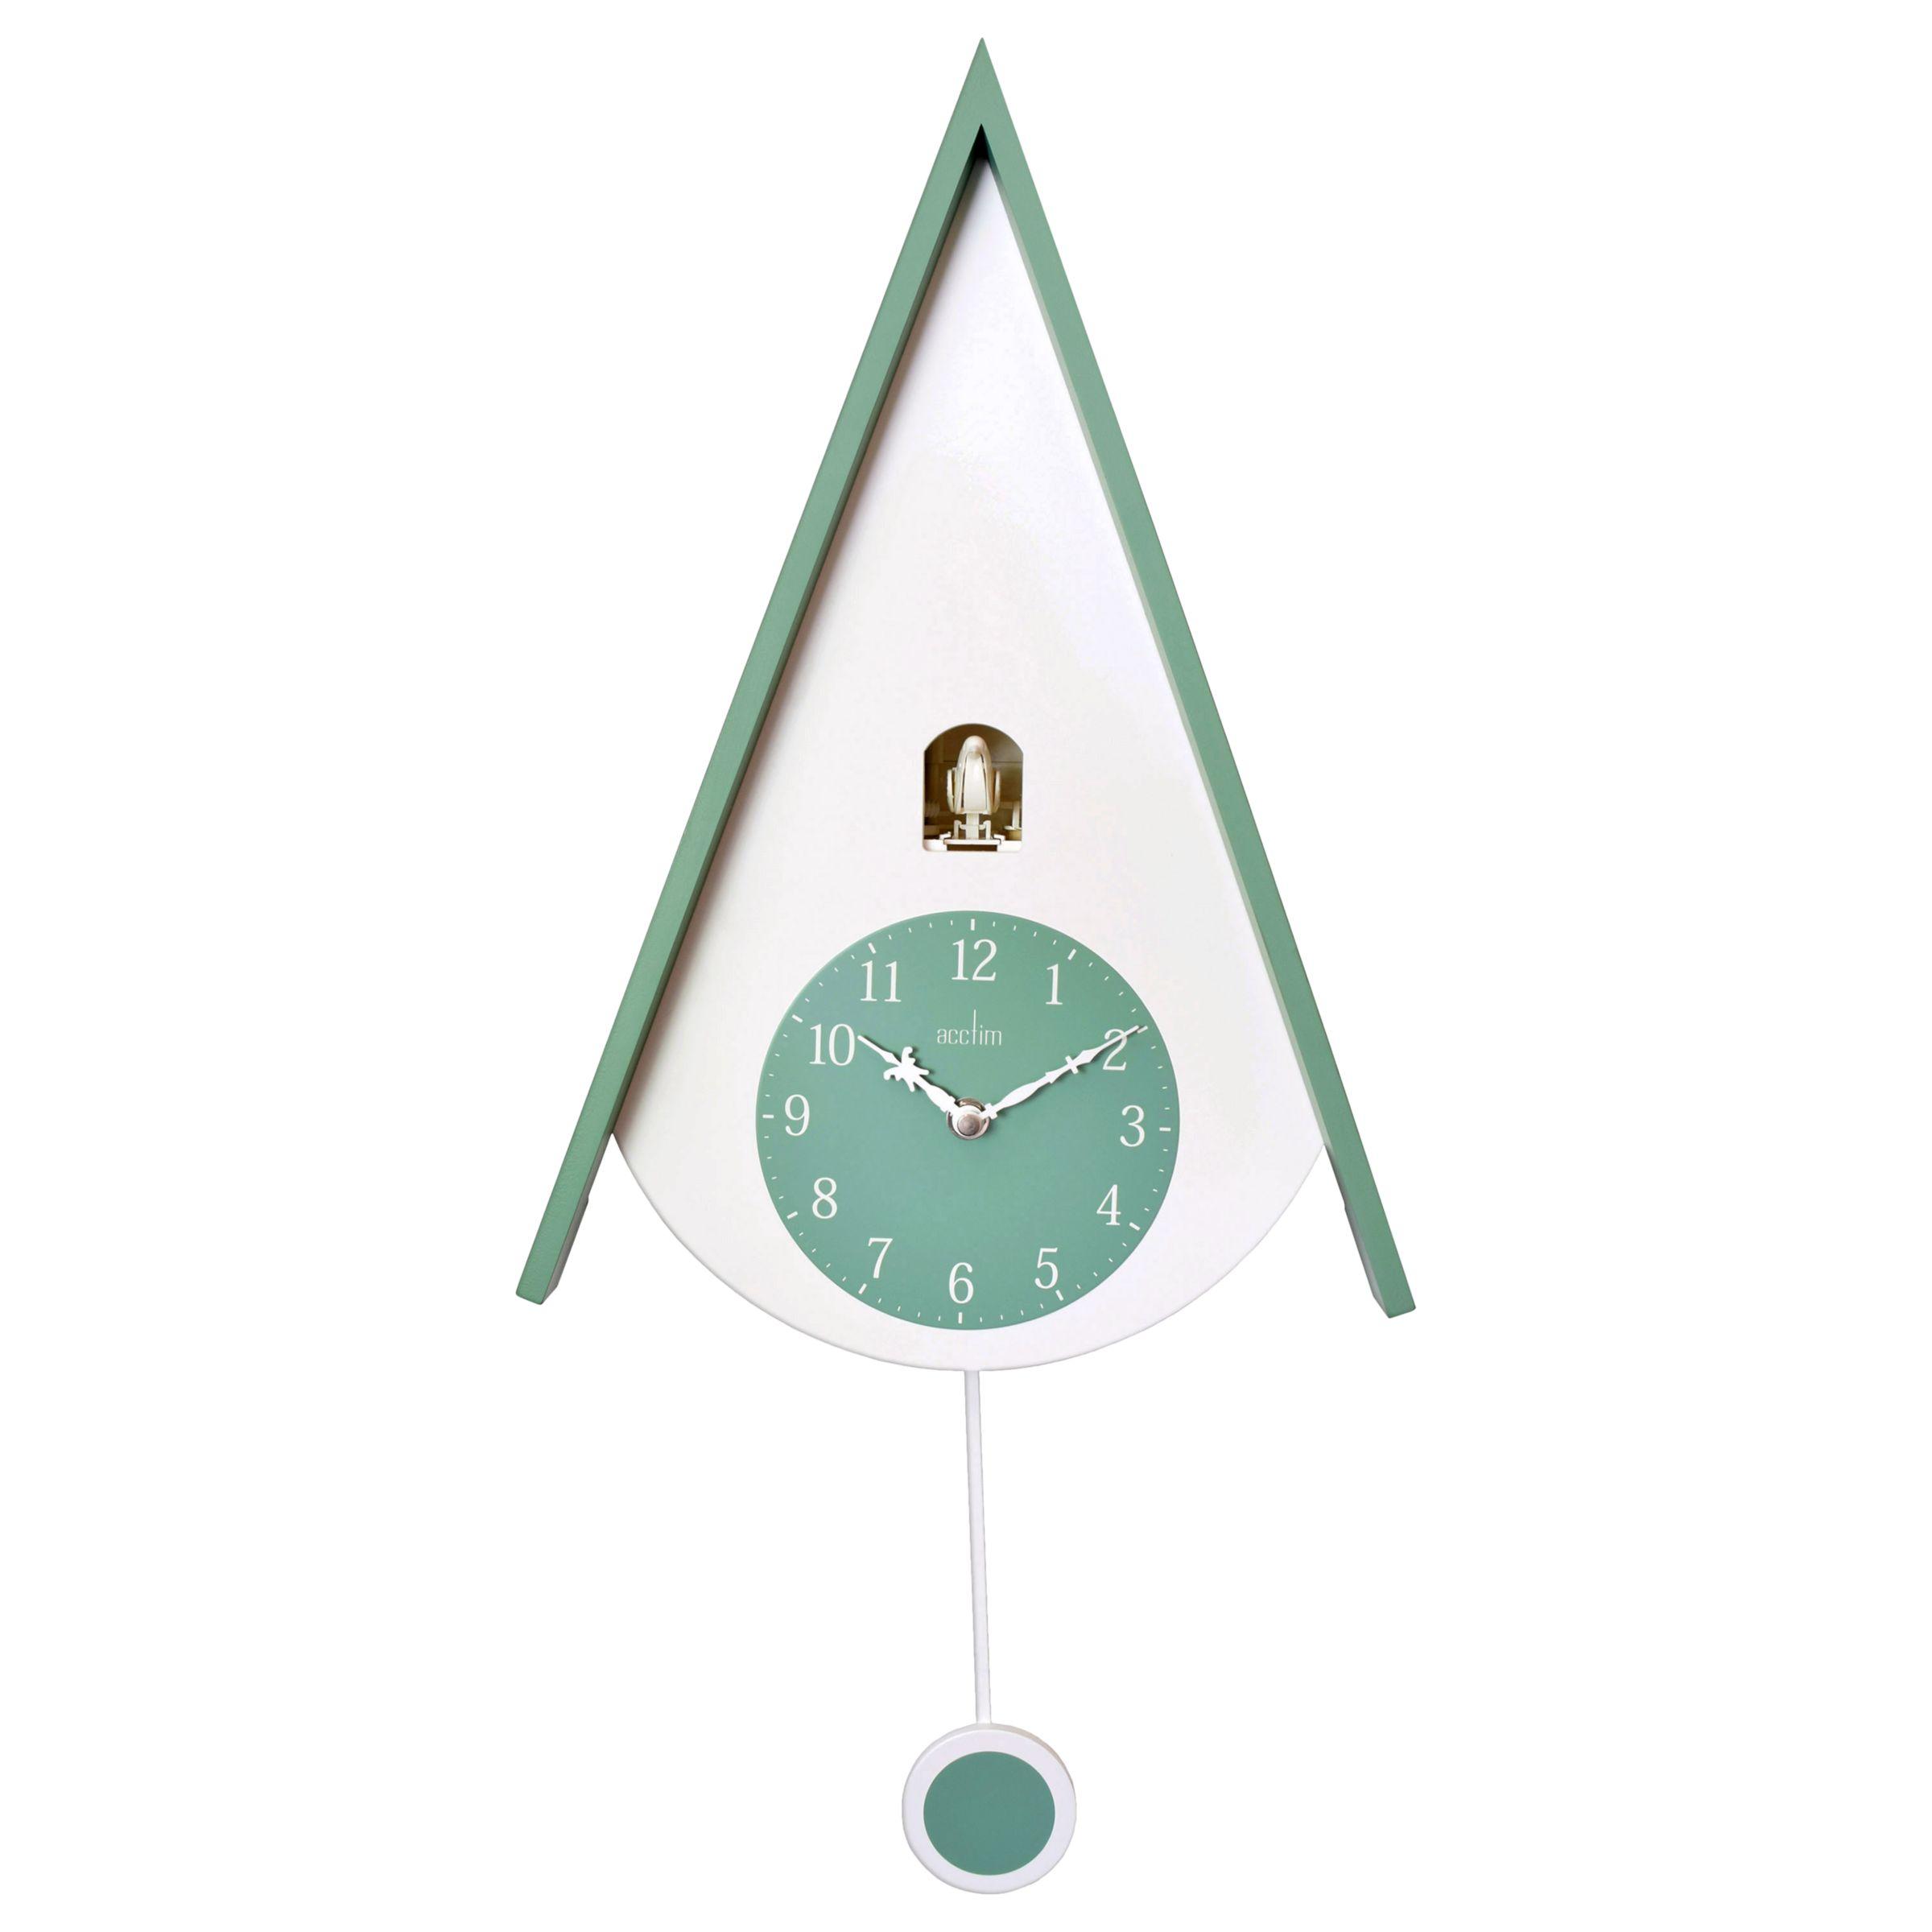 Acctim Acctim Isky Cuckoo Wall Clock, Green